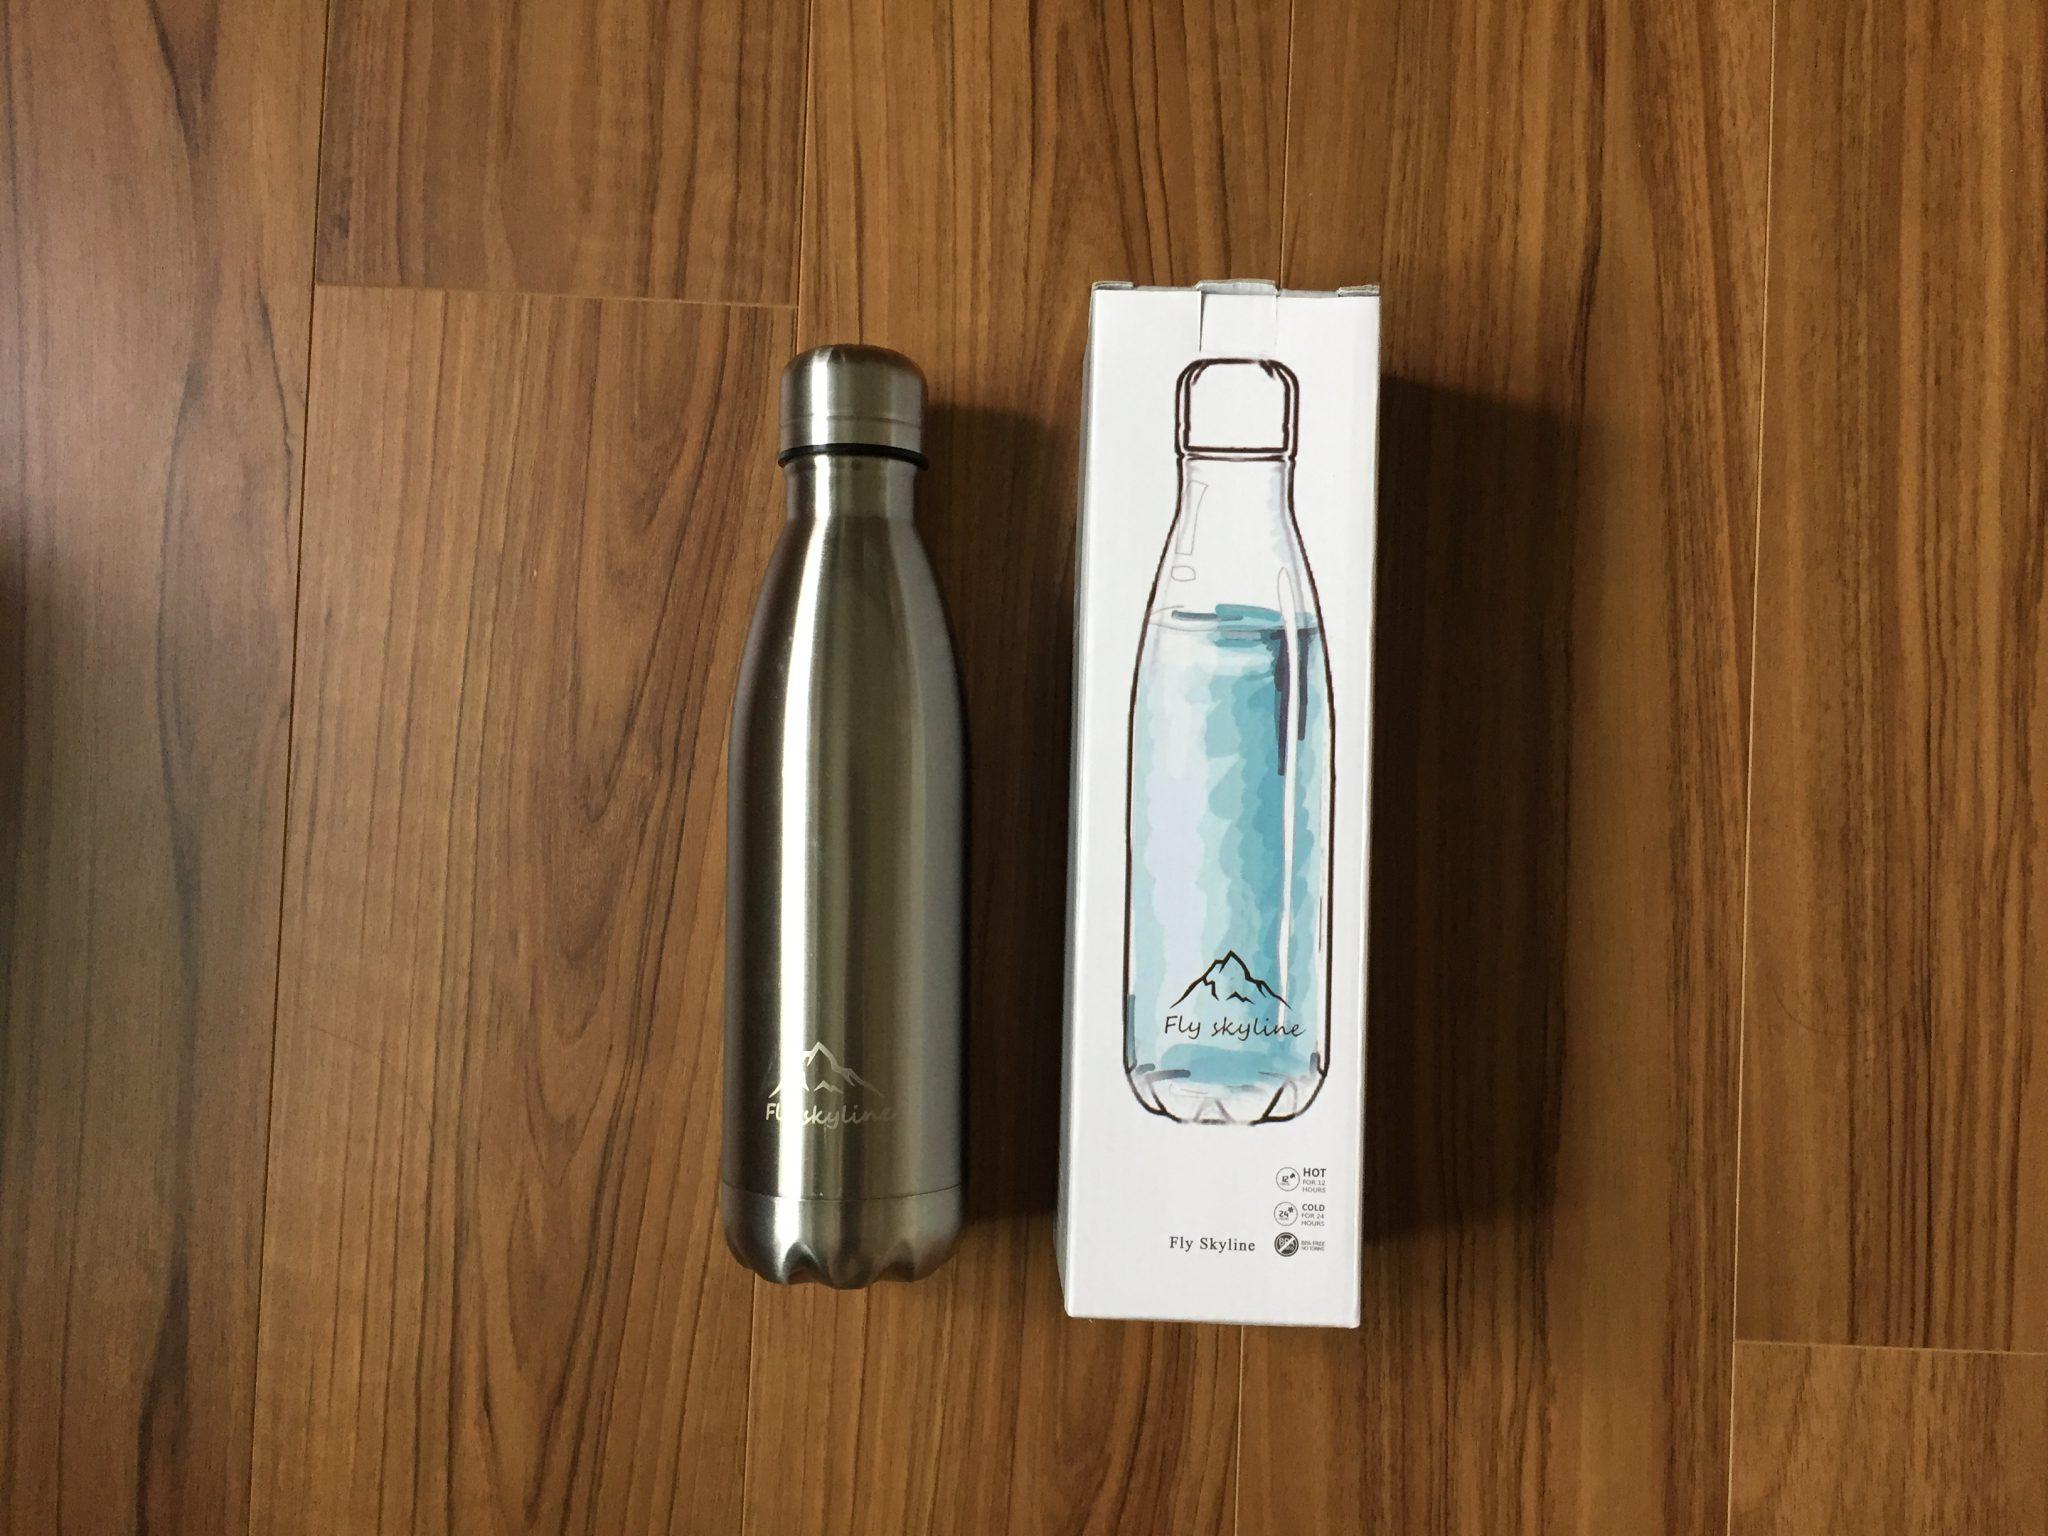 いつでもどこでも冷たいアイスコーヒーが飲みたいから、かっちょいいボトル型の水筒を購入しました。